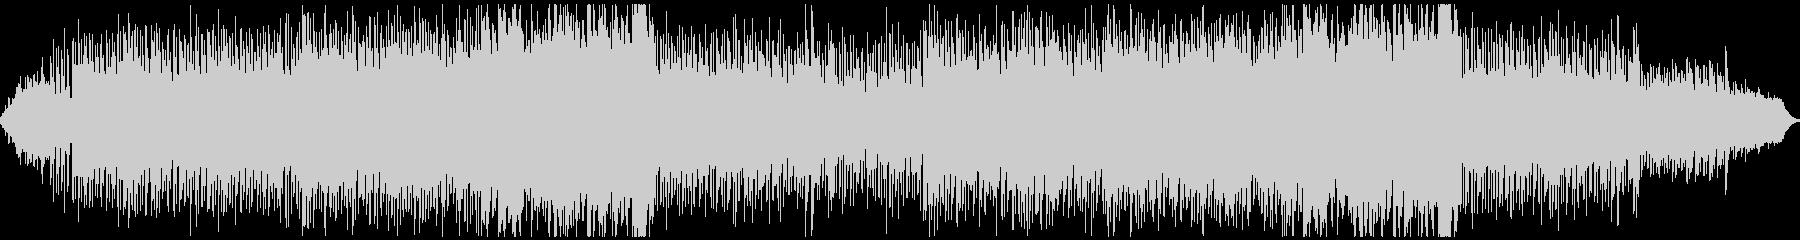 波の音が常に流れているアンビエントの未再生の波形